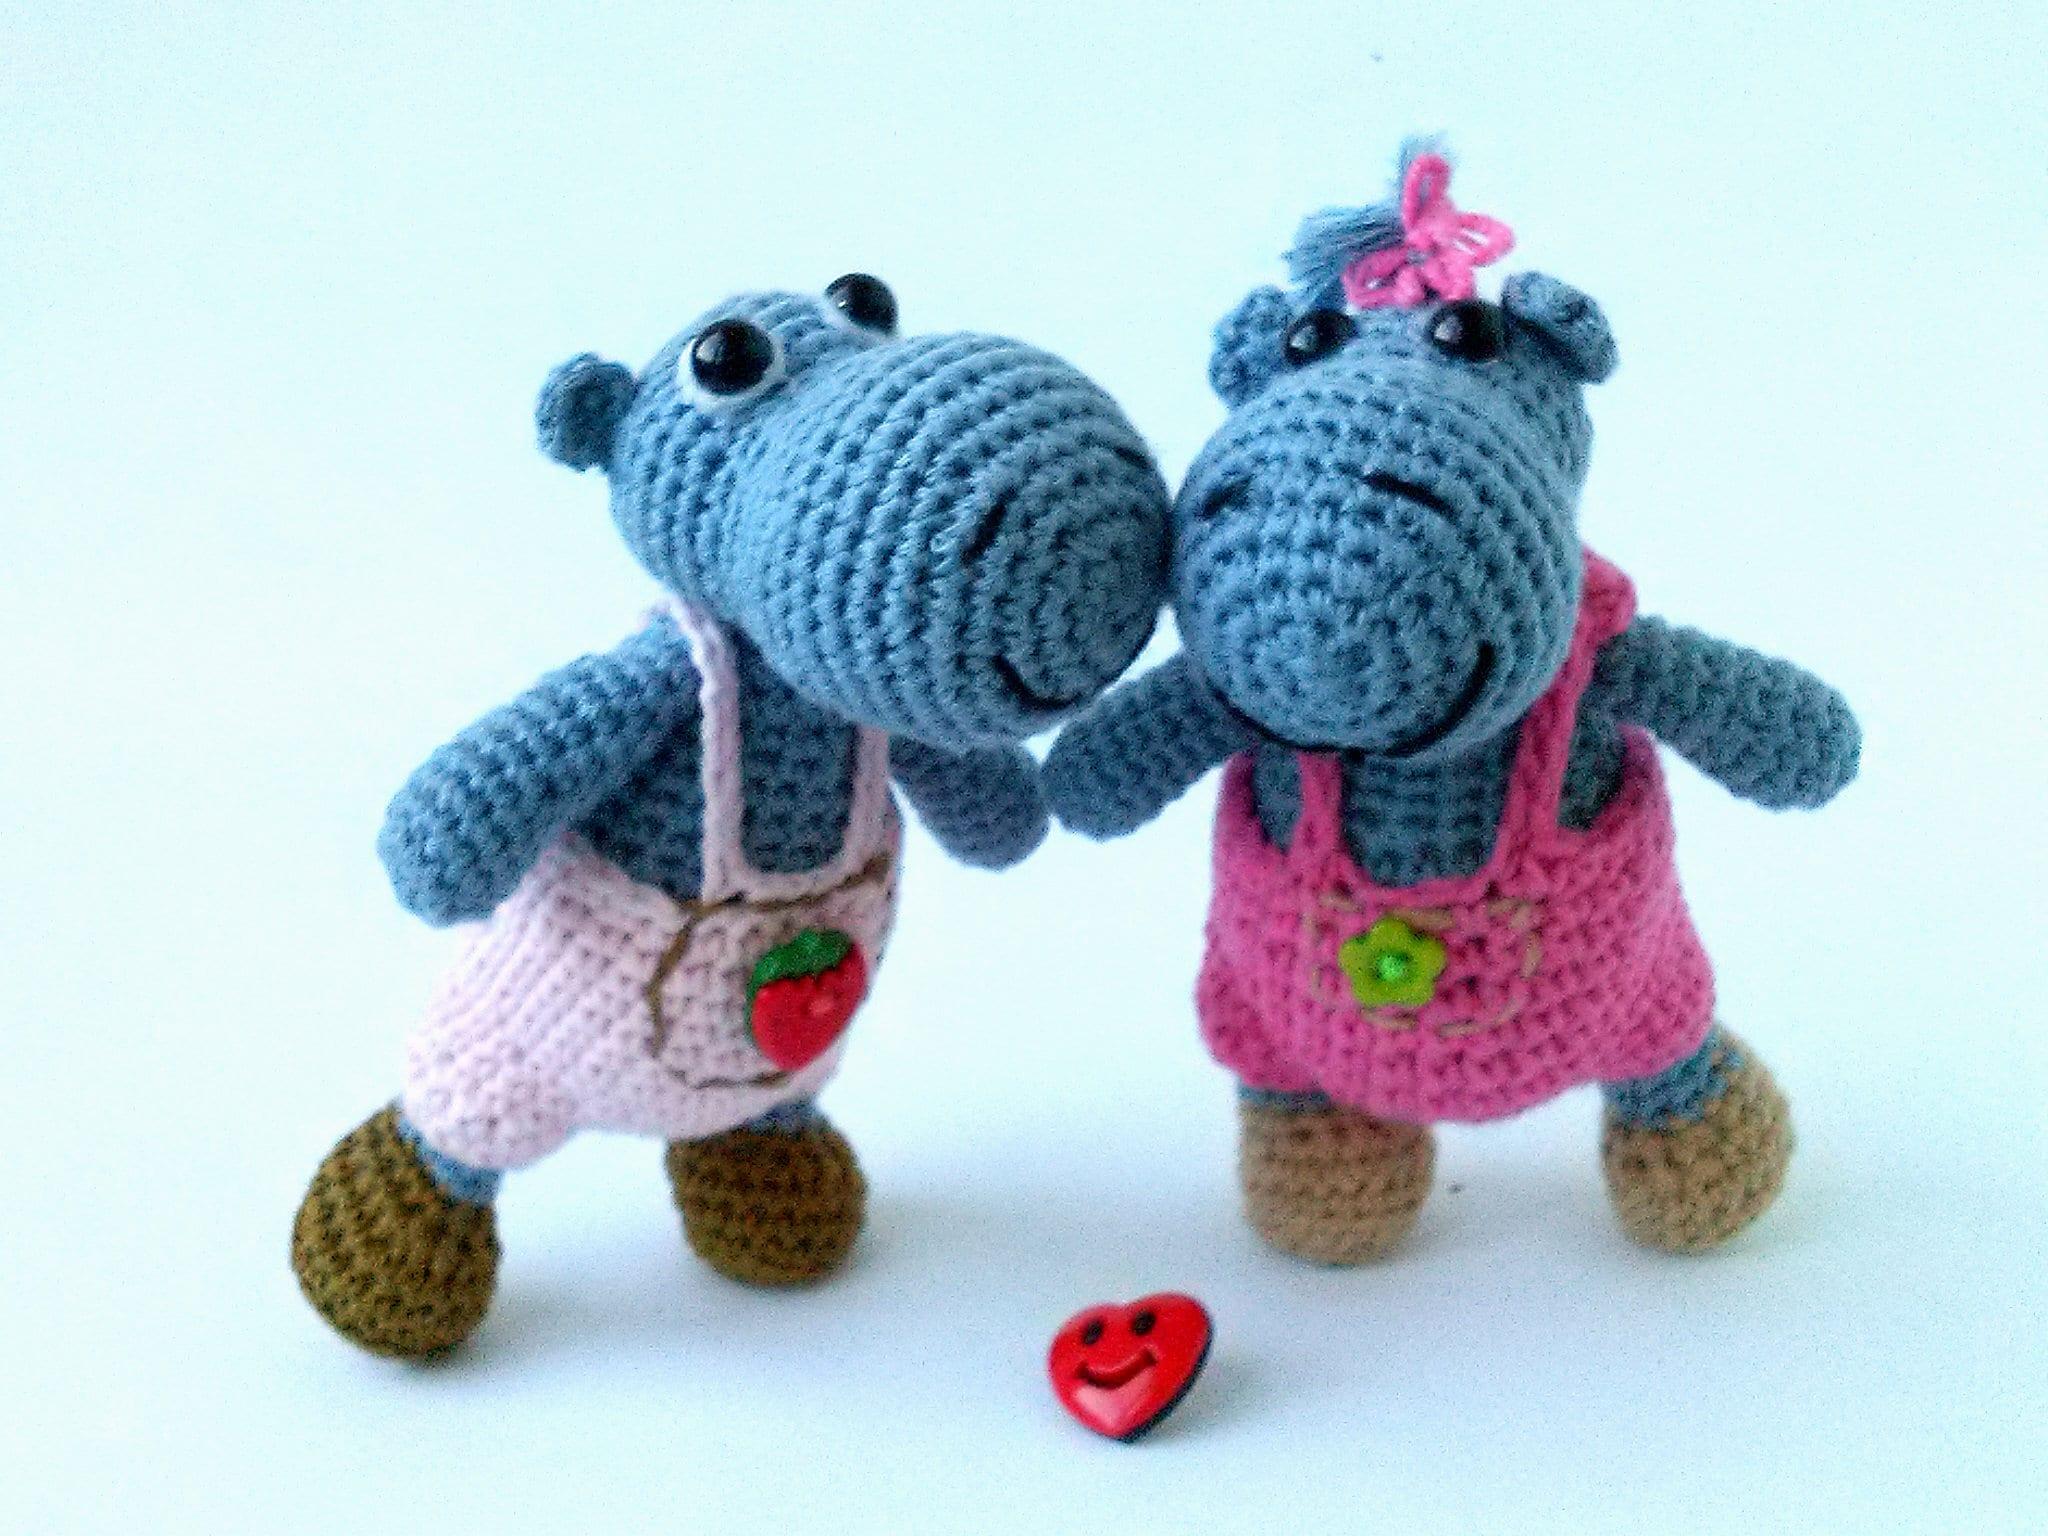 Crochet toy Behemoth crocheted toys